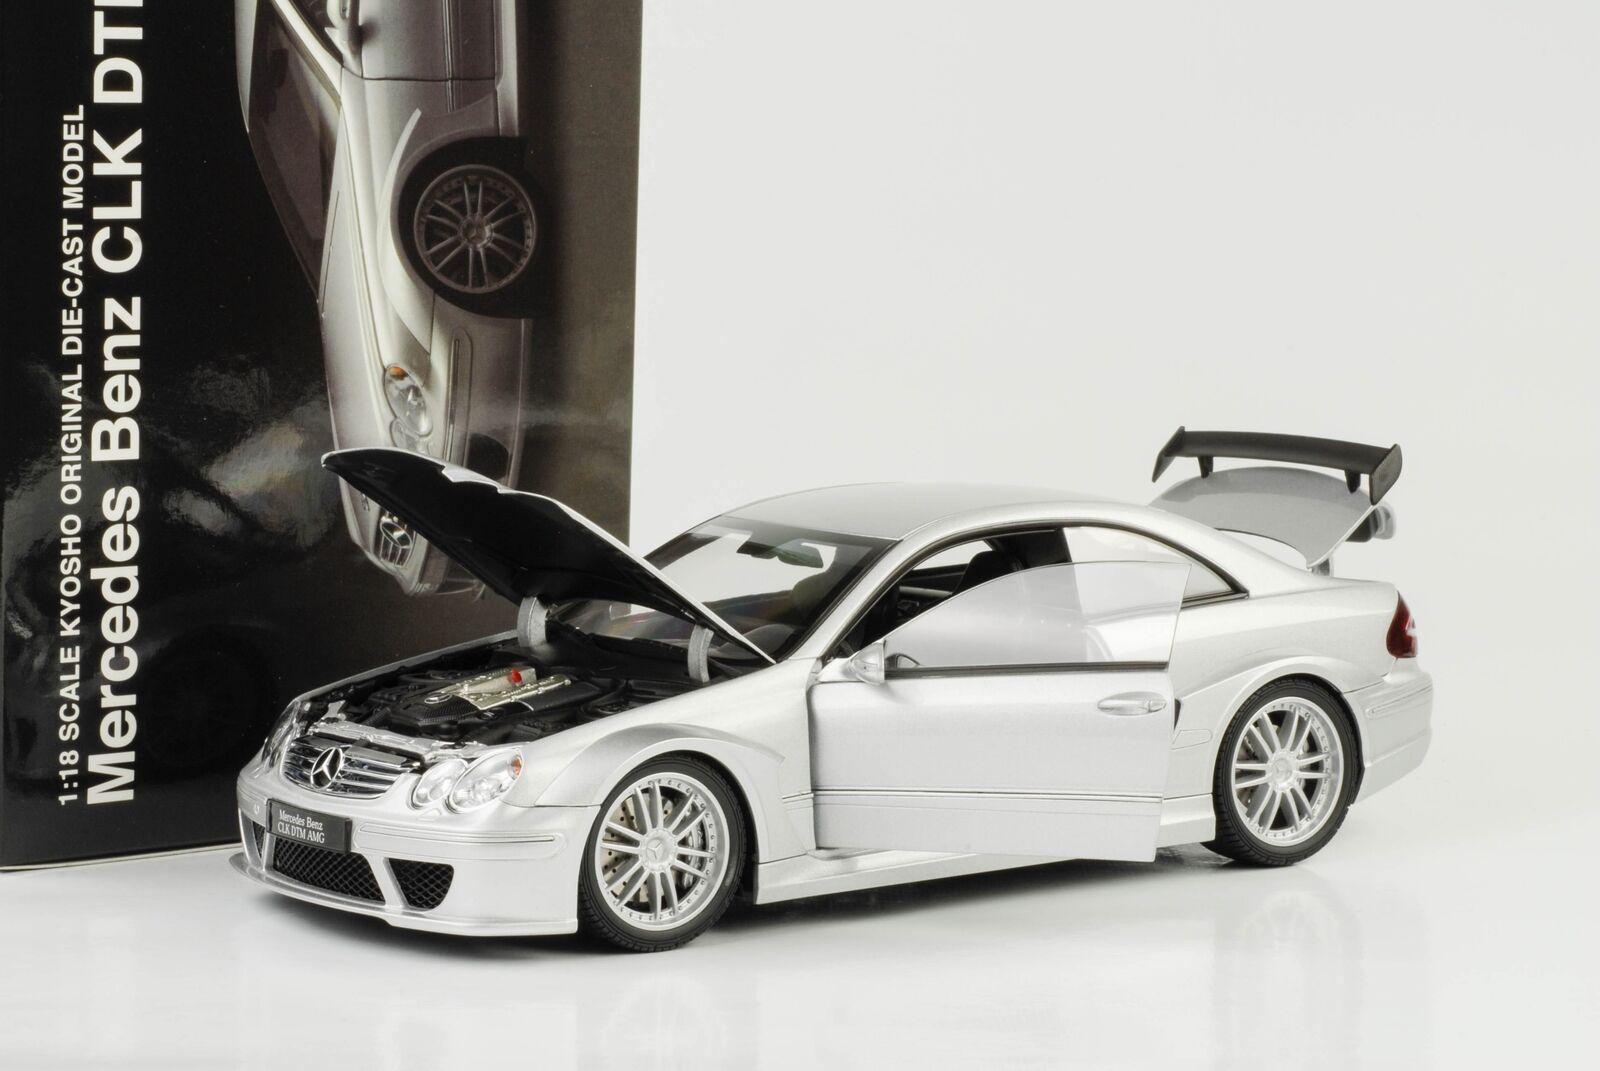 Mercedes-Benz CLK DTM AMG Coupé Coupé Coupé DTM Street c209 argent 1 18 Kyosho 174406